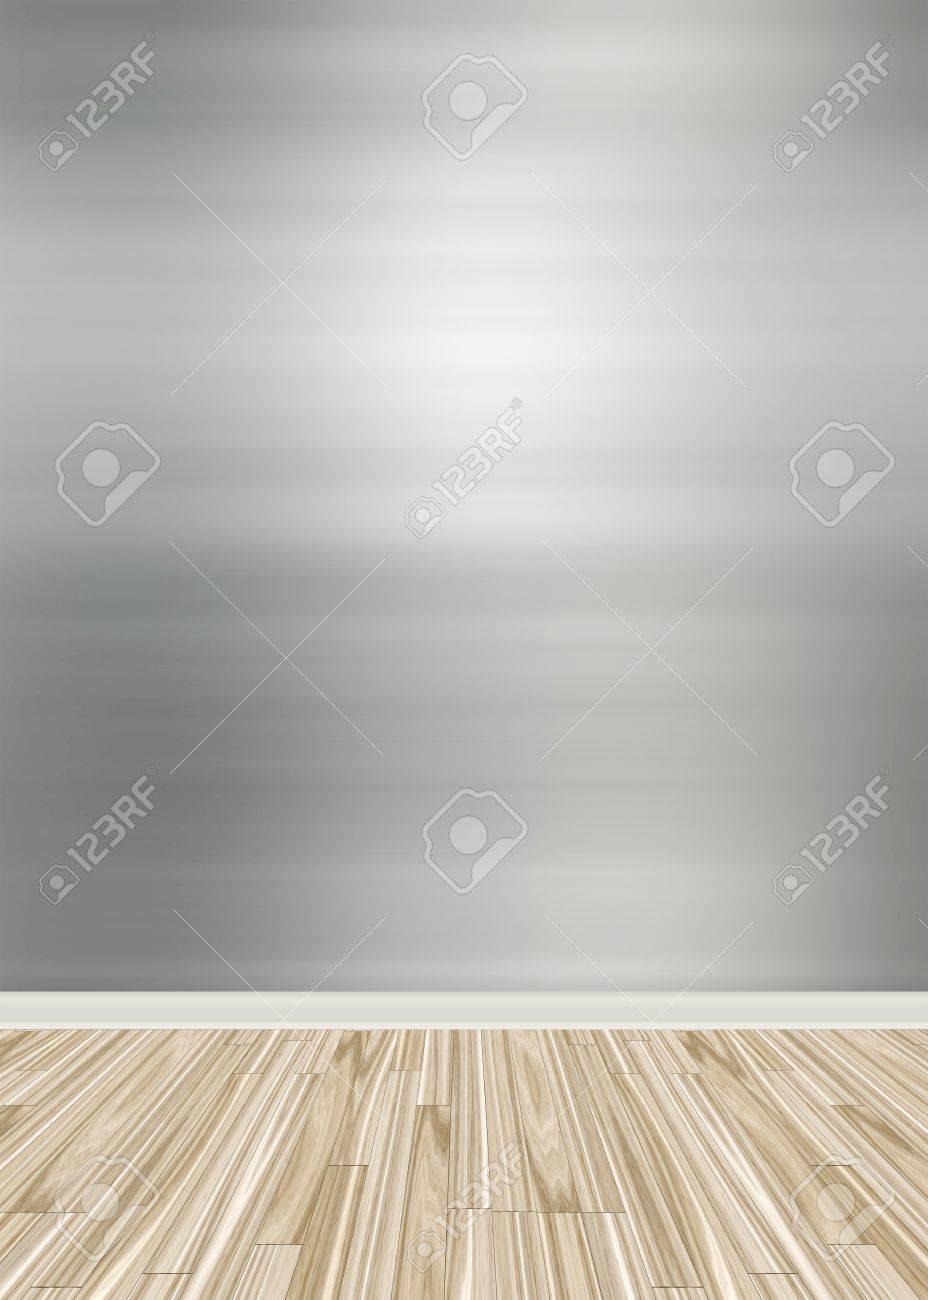 Ein Leerer Raum Interior Kulisse Mit Harten Holzfußboden Und Ein ...